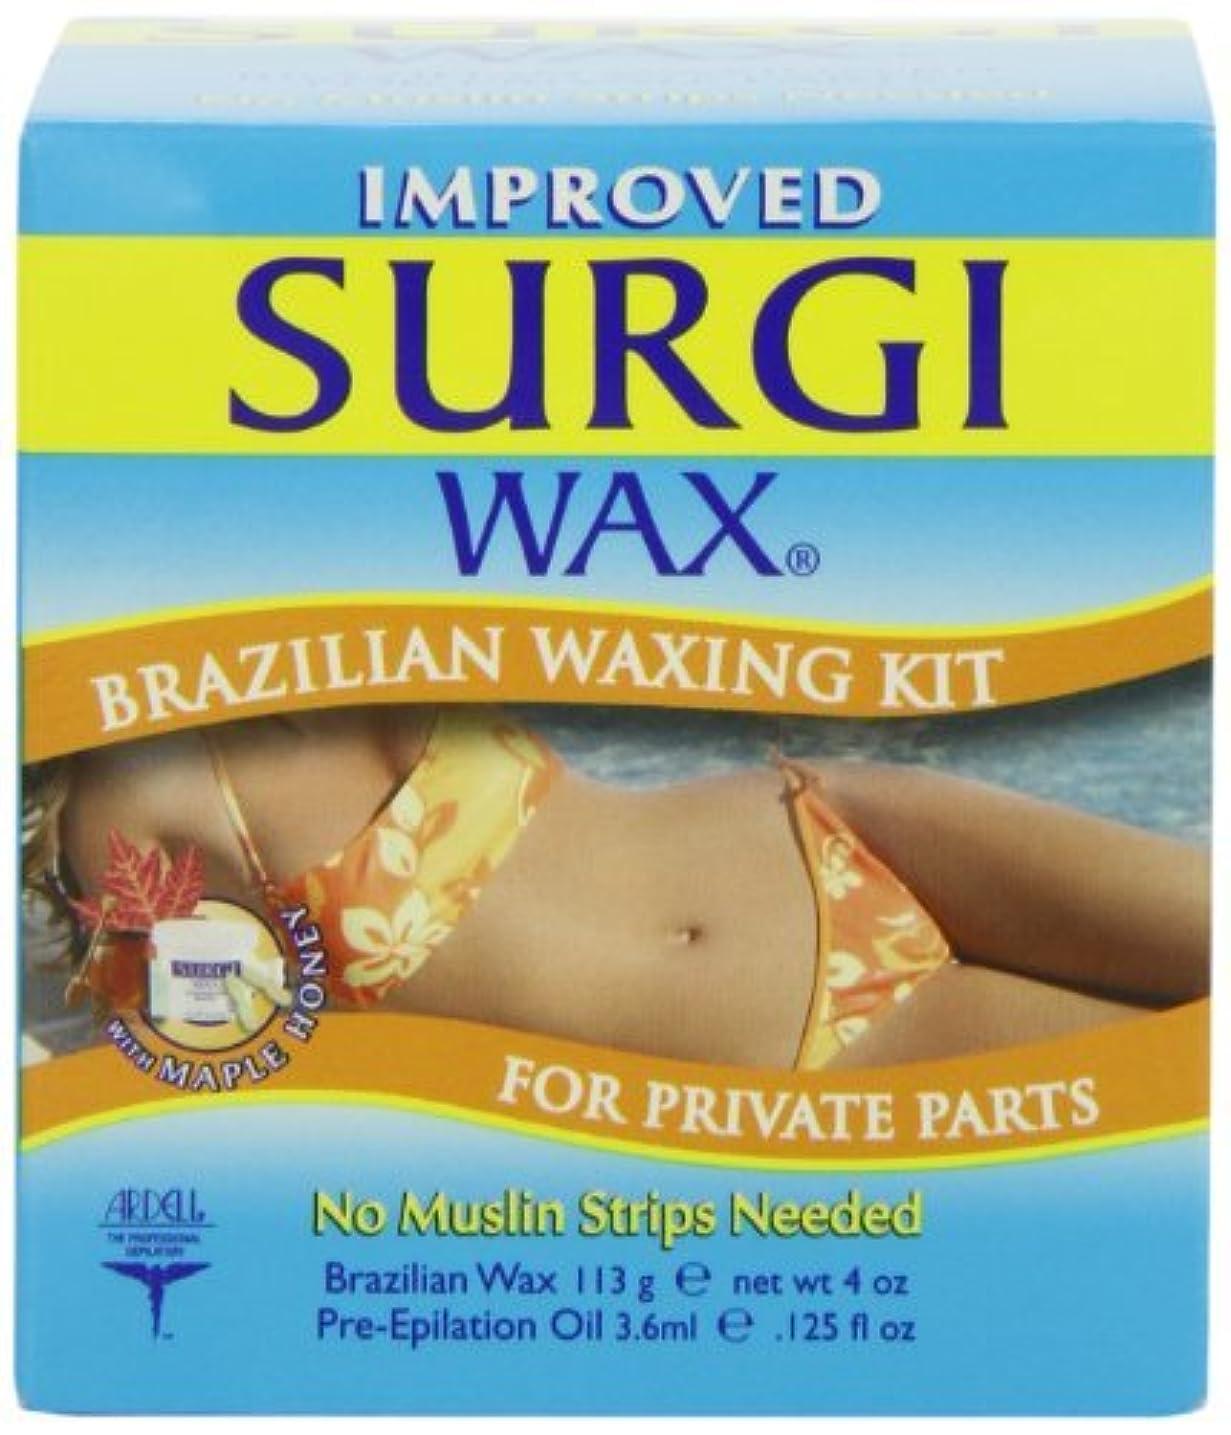 報復強化するとしてブラジリアン ワックス (ビキニライン用) Brazilian Waxing Kit For Private Parts【並行輸入品】